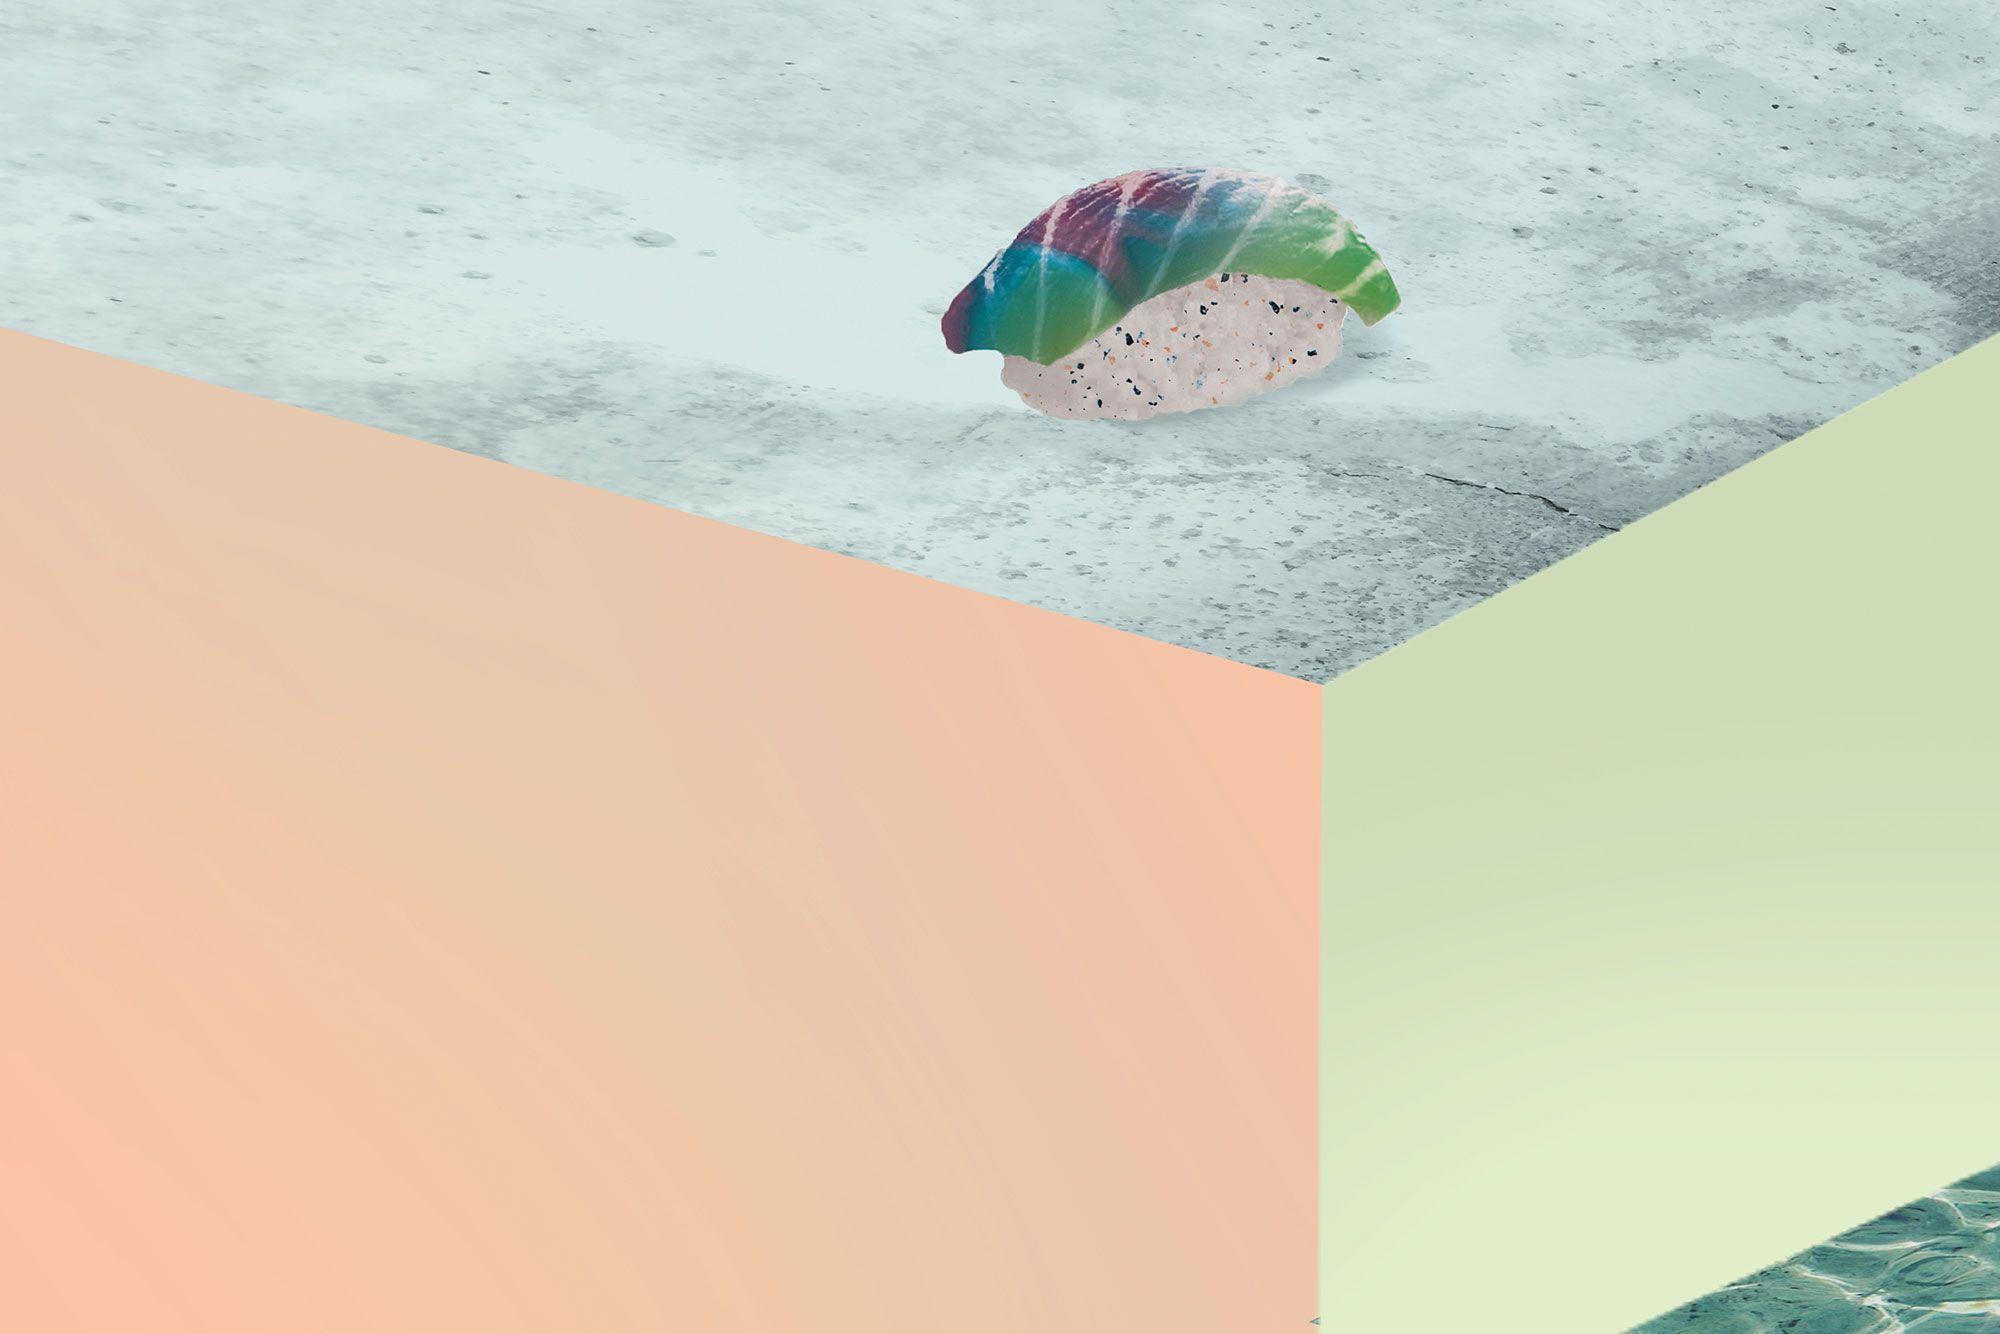 Dsaa Design Produit Toulouse couleur odeur   design graphique, graphisme, couleur